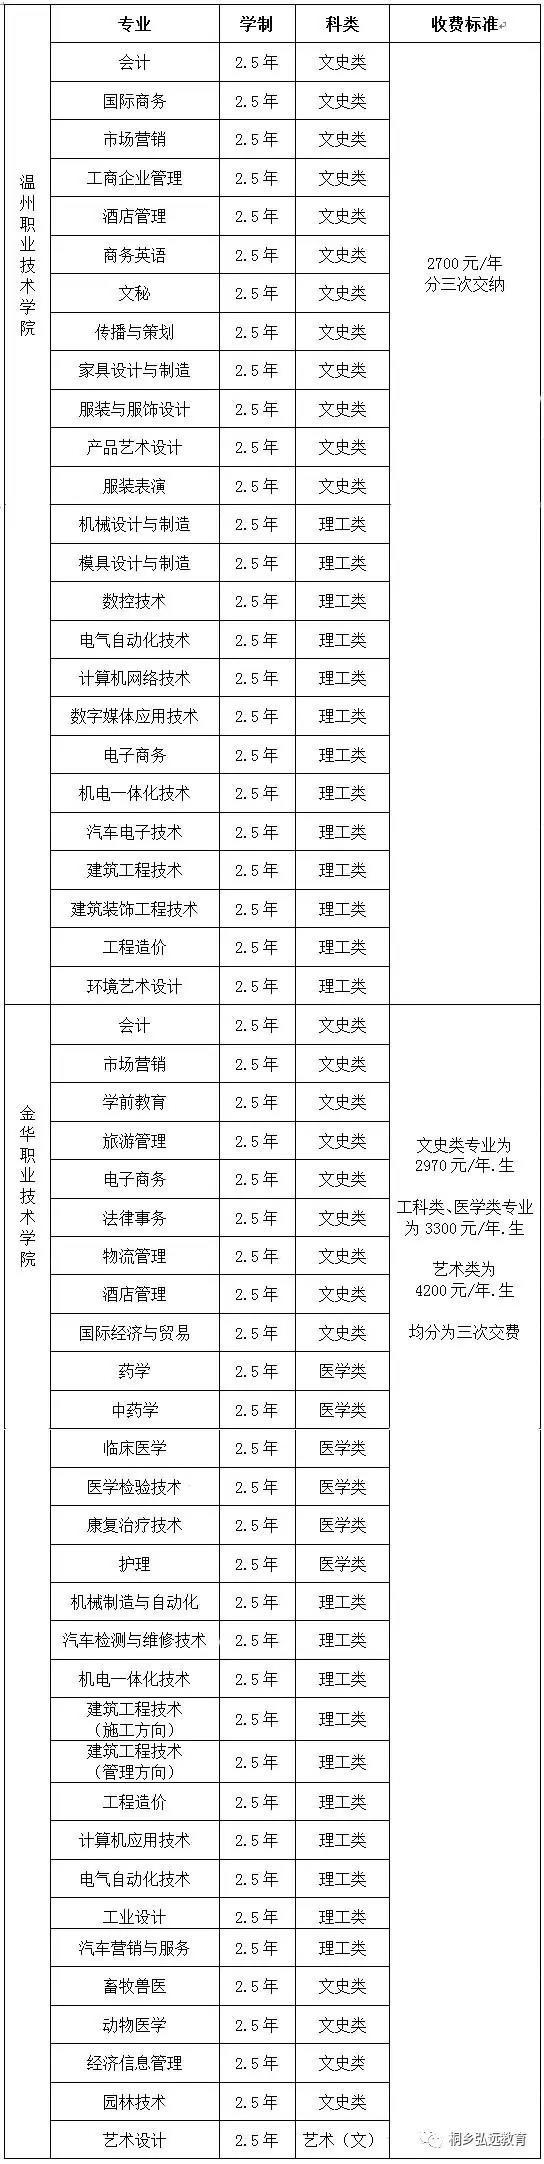 桐乡地区函授报名学校有哪些?